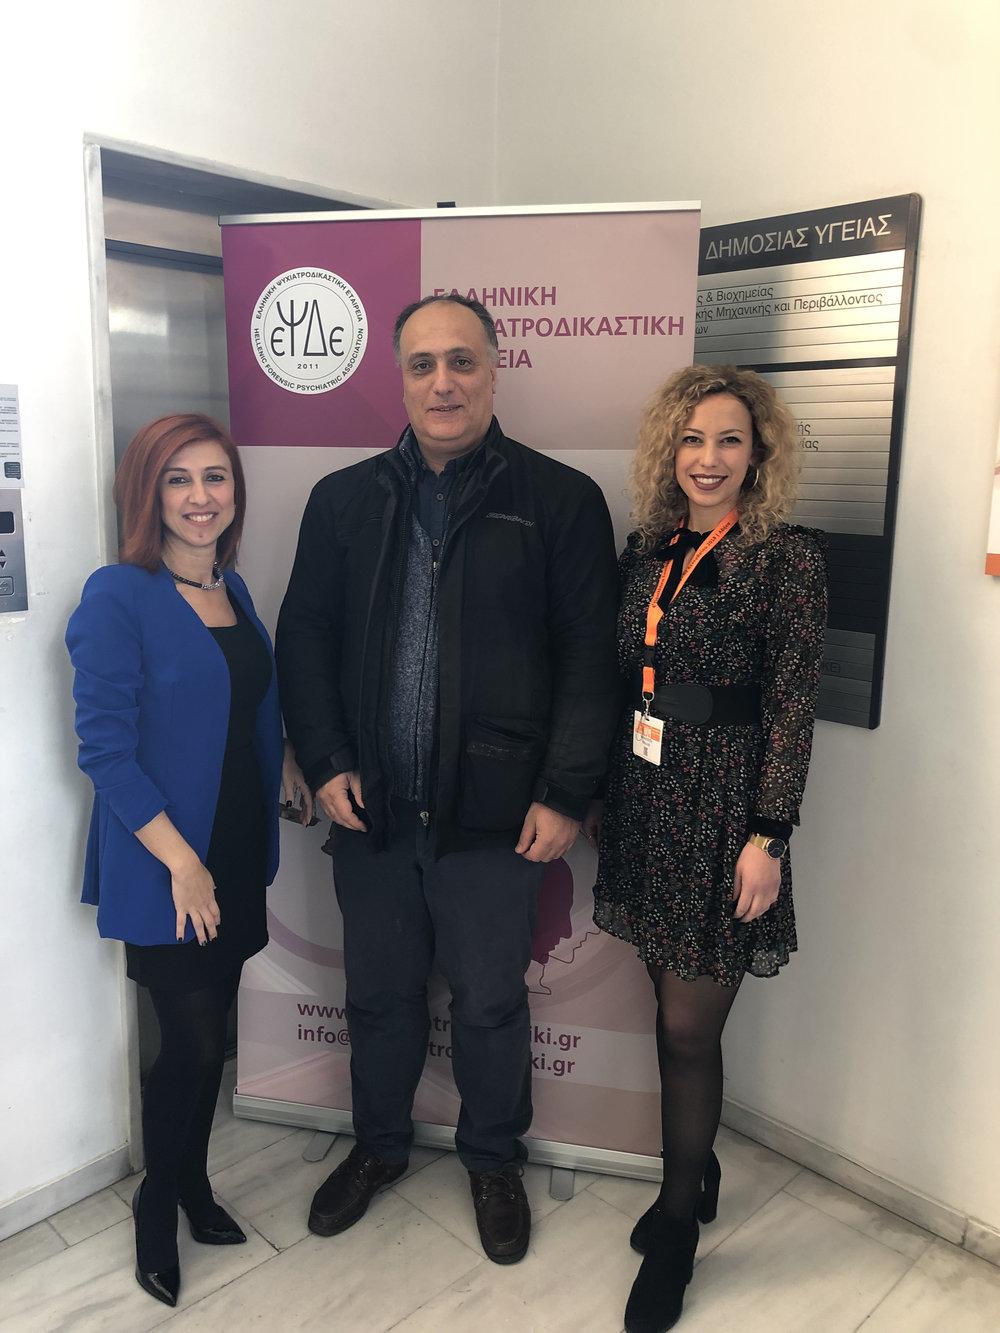 - Στα πλαίσια του 4ου Πανελλήνιου Συνεδρίου Ψυχιατροδικαστικής διοργανώθηκε εργαστήριο για την χρήση της Διαλεκτικής Συμπεριφορικής Θεραπείας για την θεραπεία του ψυχιατροδικαστικού ασθενή με εισηγητές την Μαρία Λουίζ Ψαρρά την Παναγιώτα Μπαλή και το Φραγκίσκο Γονιδάκη